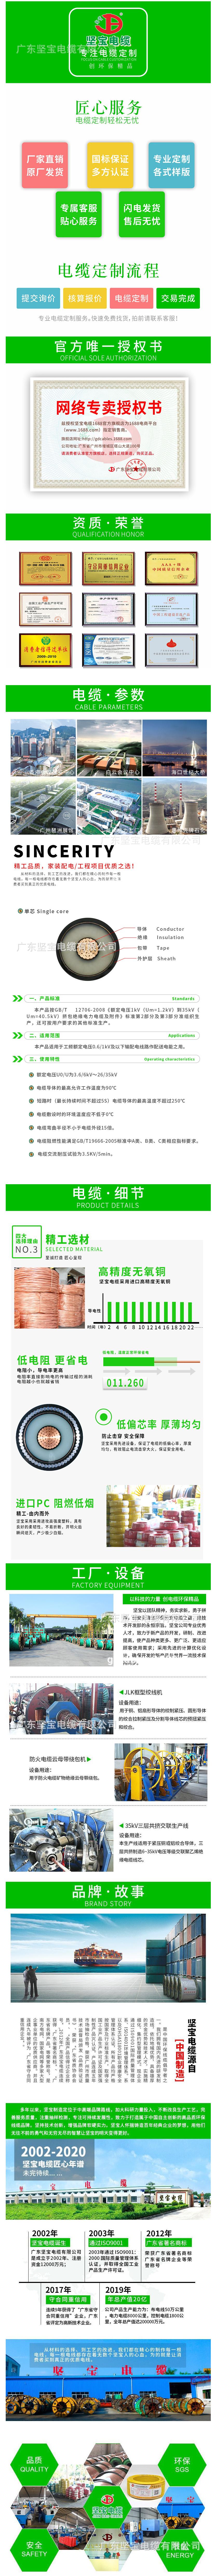 坚宝电缆 无氧铜 国标 柔性矿物质绝缘防火 BTLY 电线电缆-阿里巴巴.png